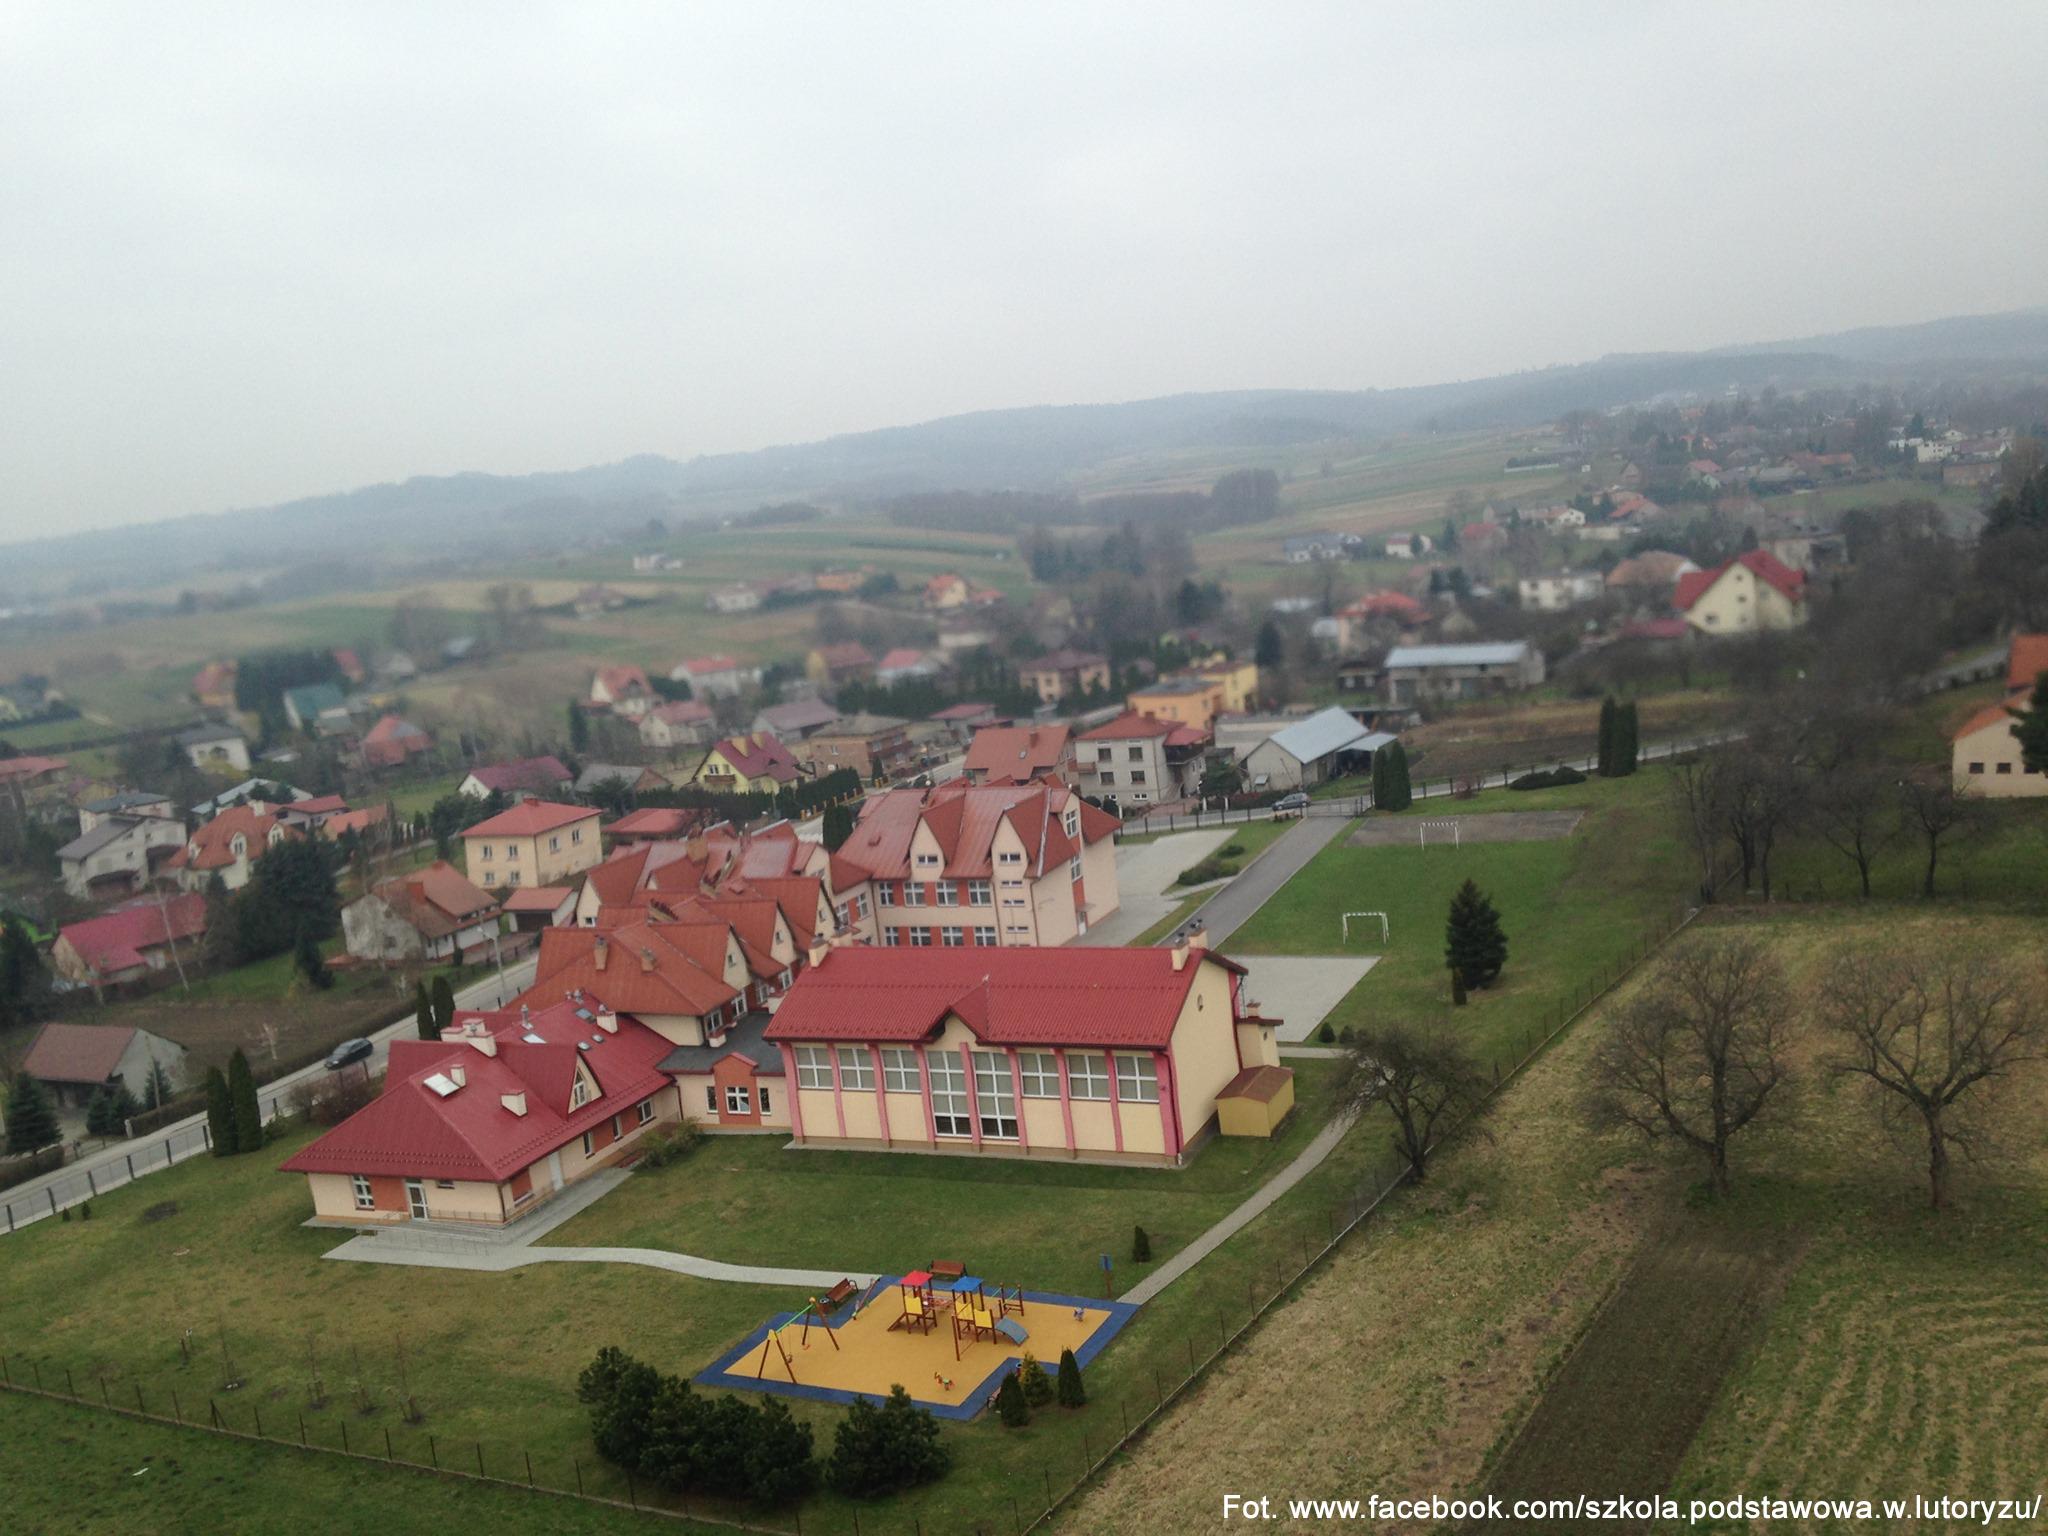 8.10.2011 - Patronem szkoły podstawowej w Lutoryżu został długoletni proboszcz tej miejscowości ks.  Czesław Przystaś. Placówka otrzymała też sztandar.